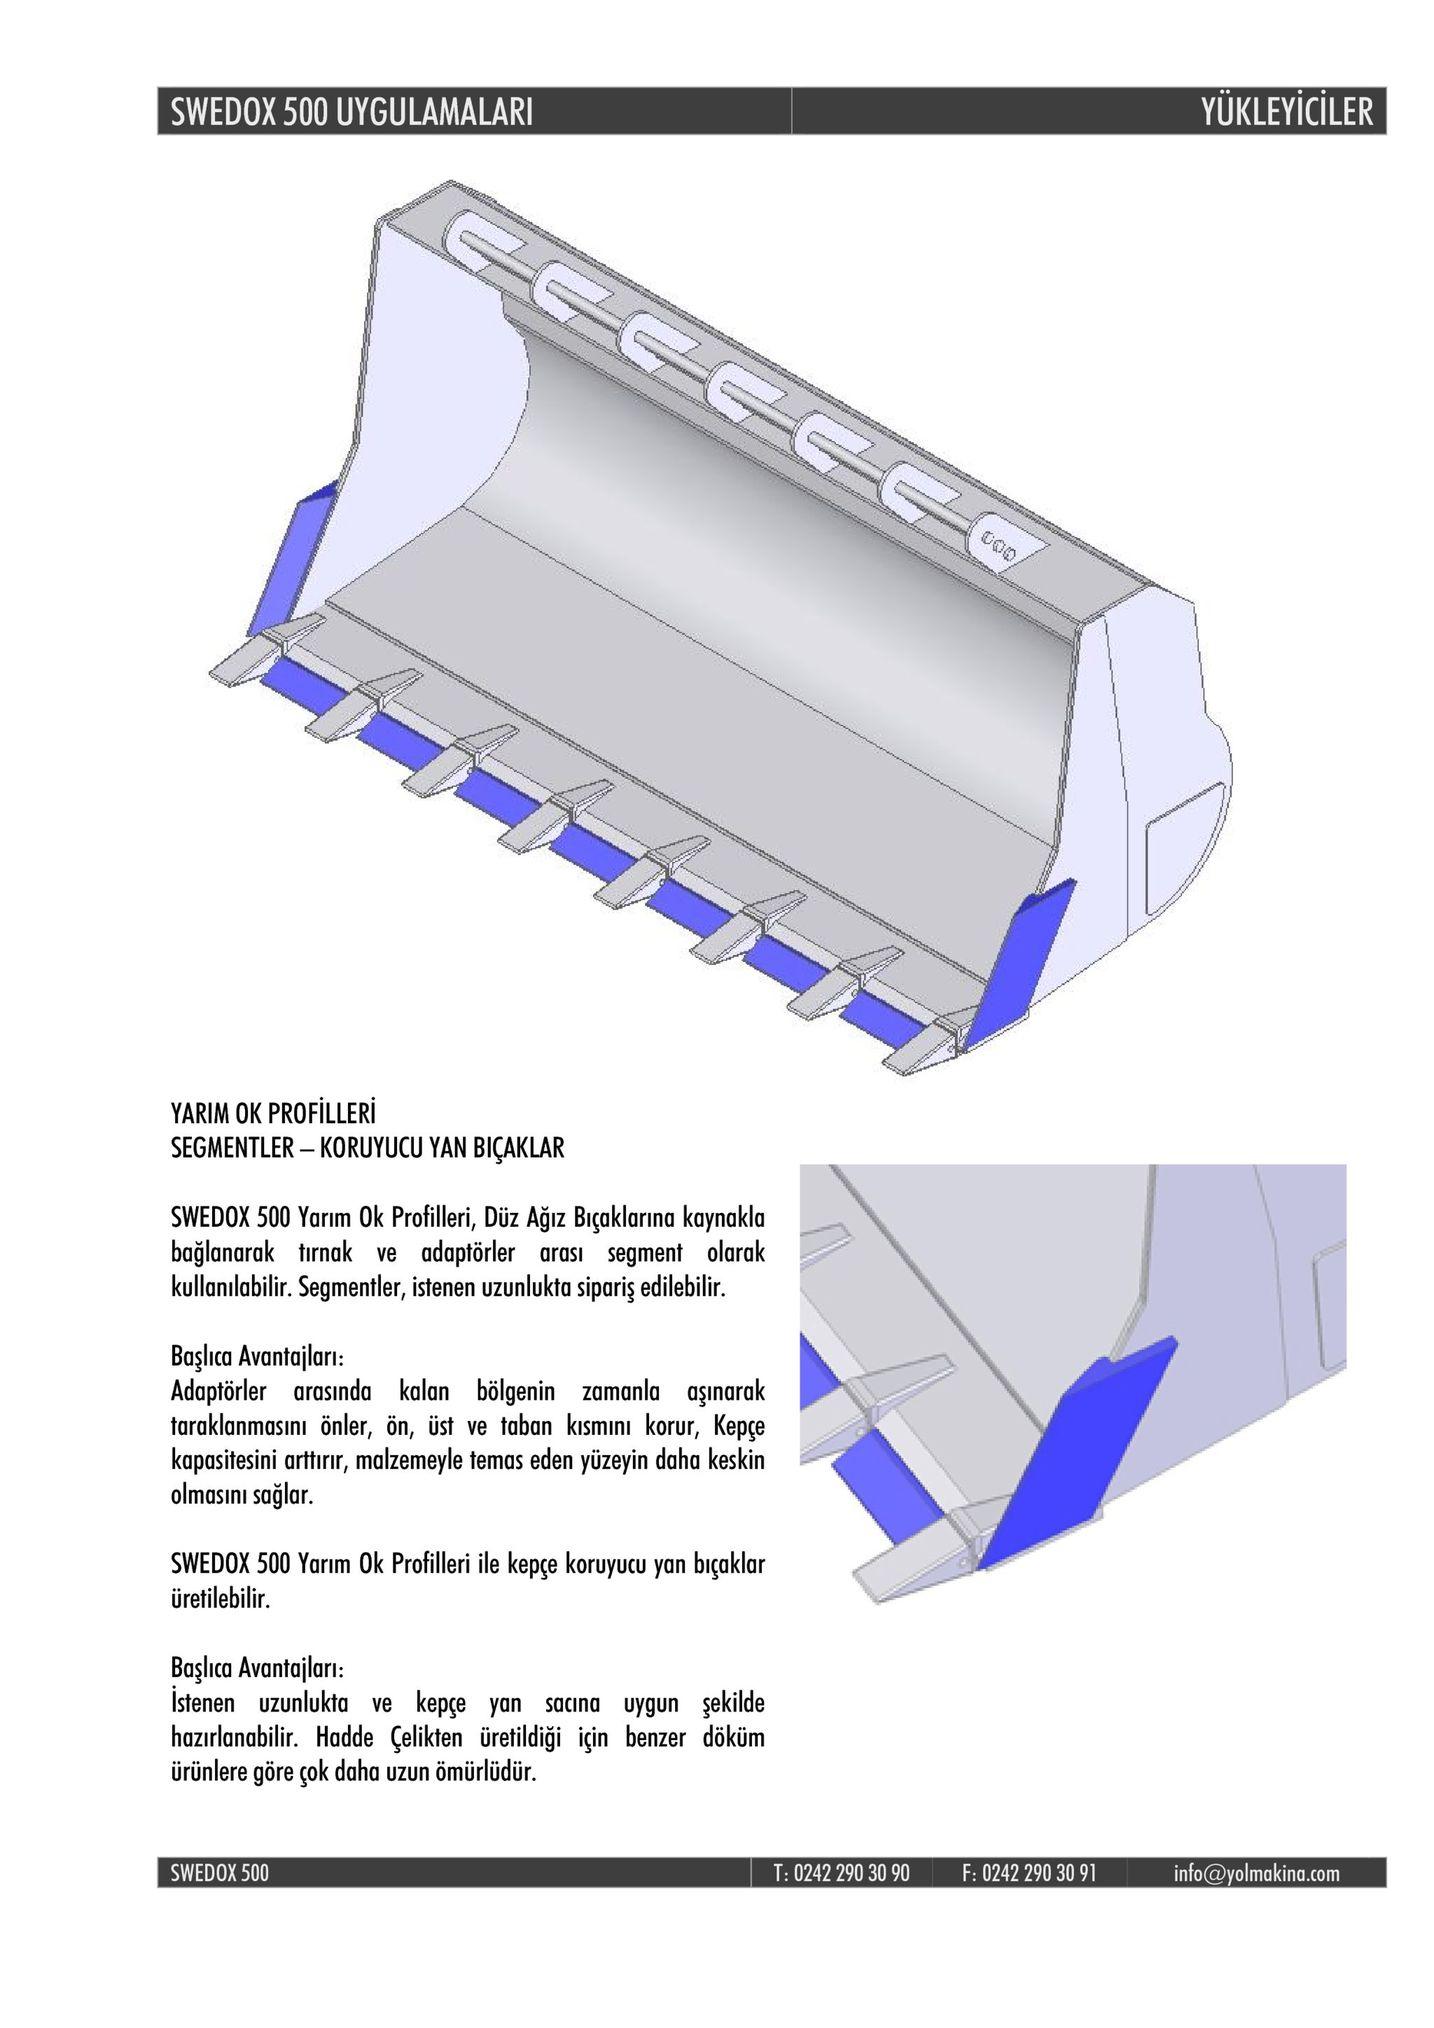 swedox 500 uygulamalar yukleyiciler yarim ok profilleri segmentler - koruyucu yan biçaklar swedox 500 yarim ok profilleri, düz ağız biçaklarina kaynakla bağlanarak tırnak ve adaptörler arası segment olarak kullanılabilir. segmentler, istenen uzunlukta sipariş edilebilir. başlıca avantajlarn: adaptörler arasında kalan bölgenin zamanla aşınarak taraklanmasinı önler, ön, üst ve taban kismını korur, kepçe kapasitesini arttırir, malzemeyle temas eden yüzeyin daha keskin olmasini sagla. swedox 500 yarim ok profilleri ile kepce koruyucu yan biçaklar üretilebilir. başlica avantajlari istenen uzunlukta ve kepçe yan sacina uygun şekilde hazırlanabilir. hadde çelikten üretildiği için benzer döküm ürünlere göre çok daha uzun ömürlüdür. swedox 500 t: 0242 290 3090 f: 0242 290 30 91 info@yolmakina.com